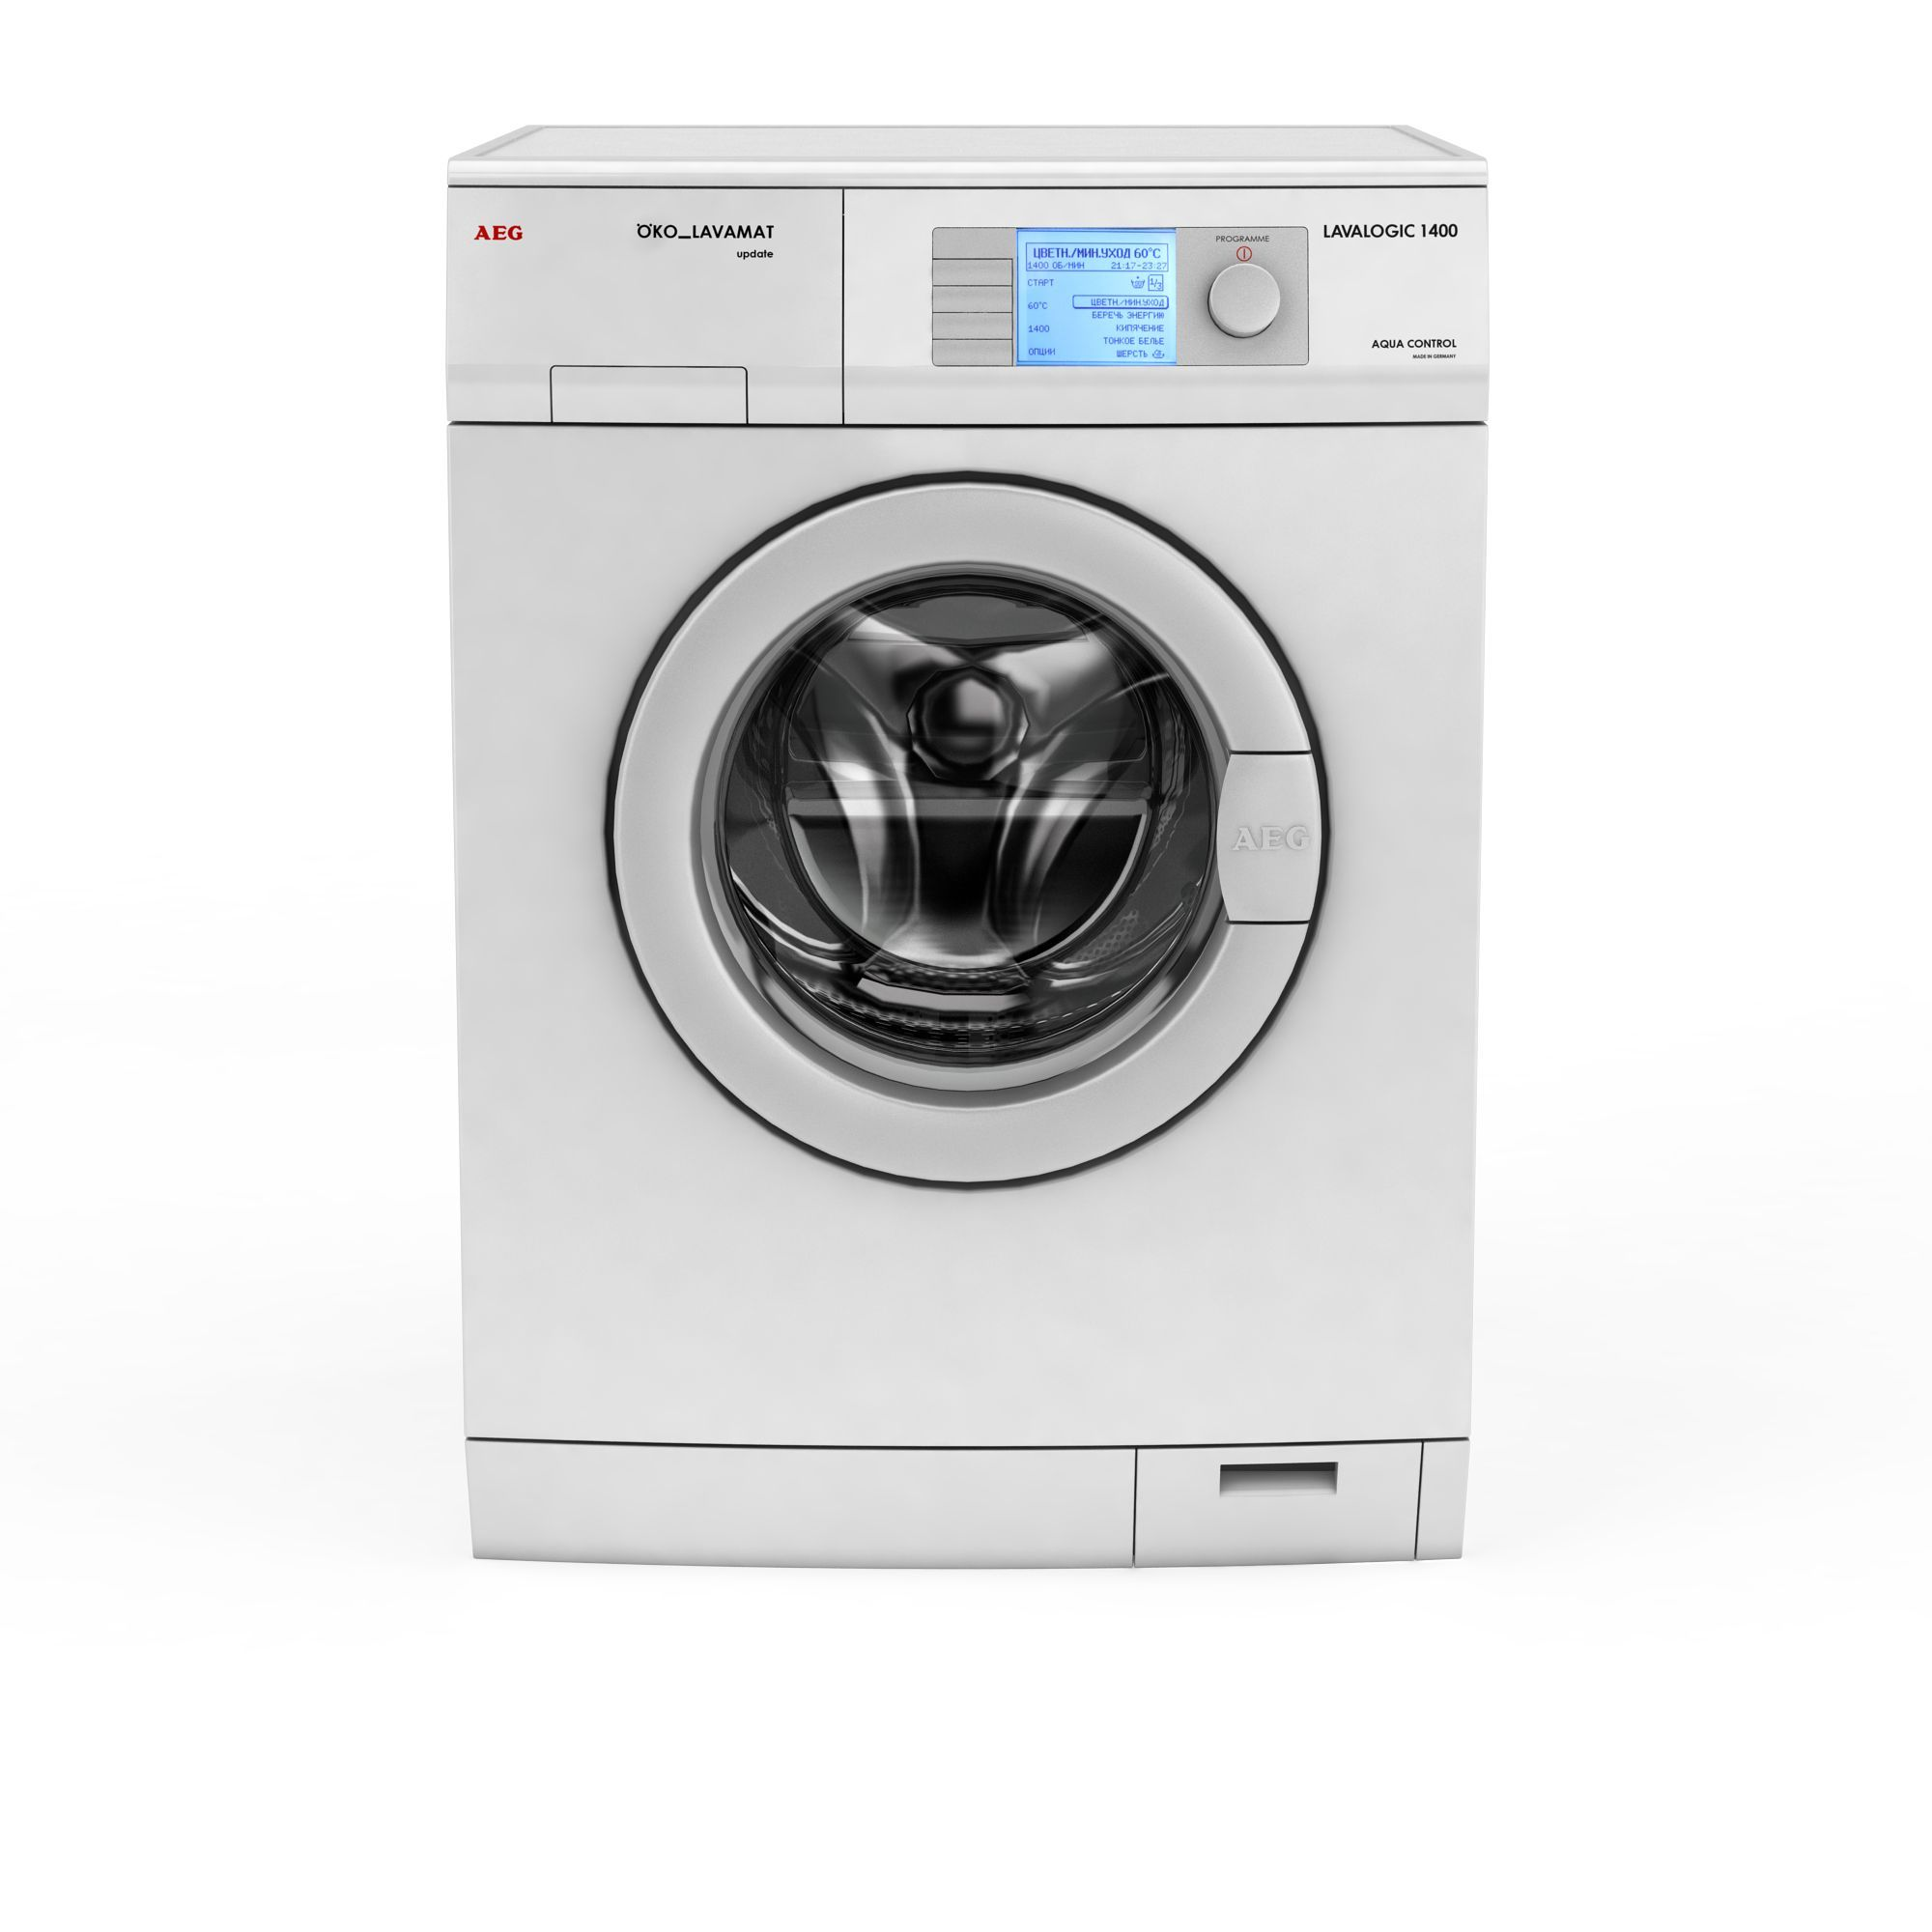 滚筒洗衣机图片_滚筒洗衣机png图片素材_滚筒洗衣机图